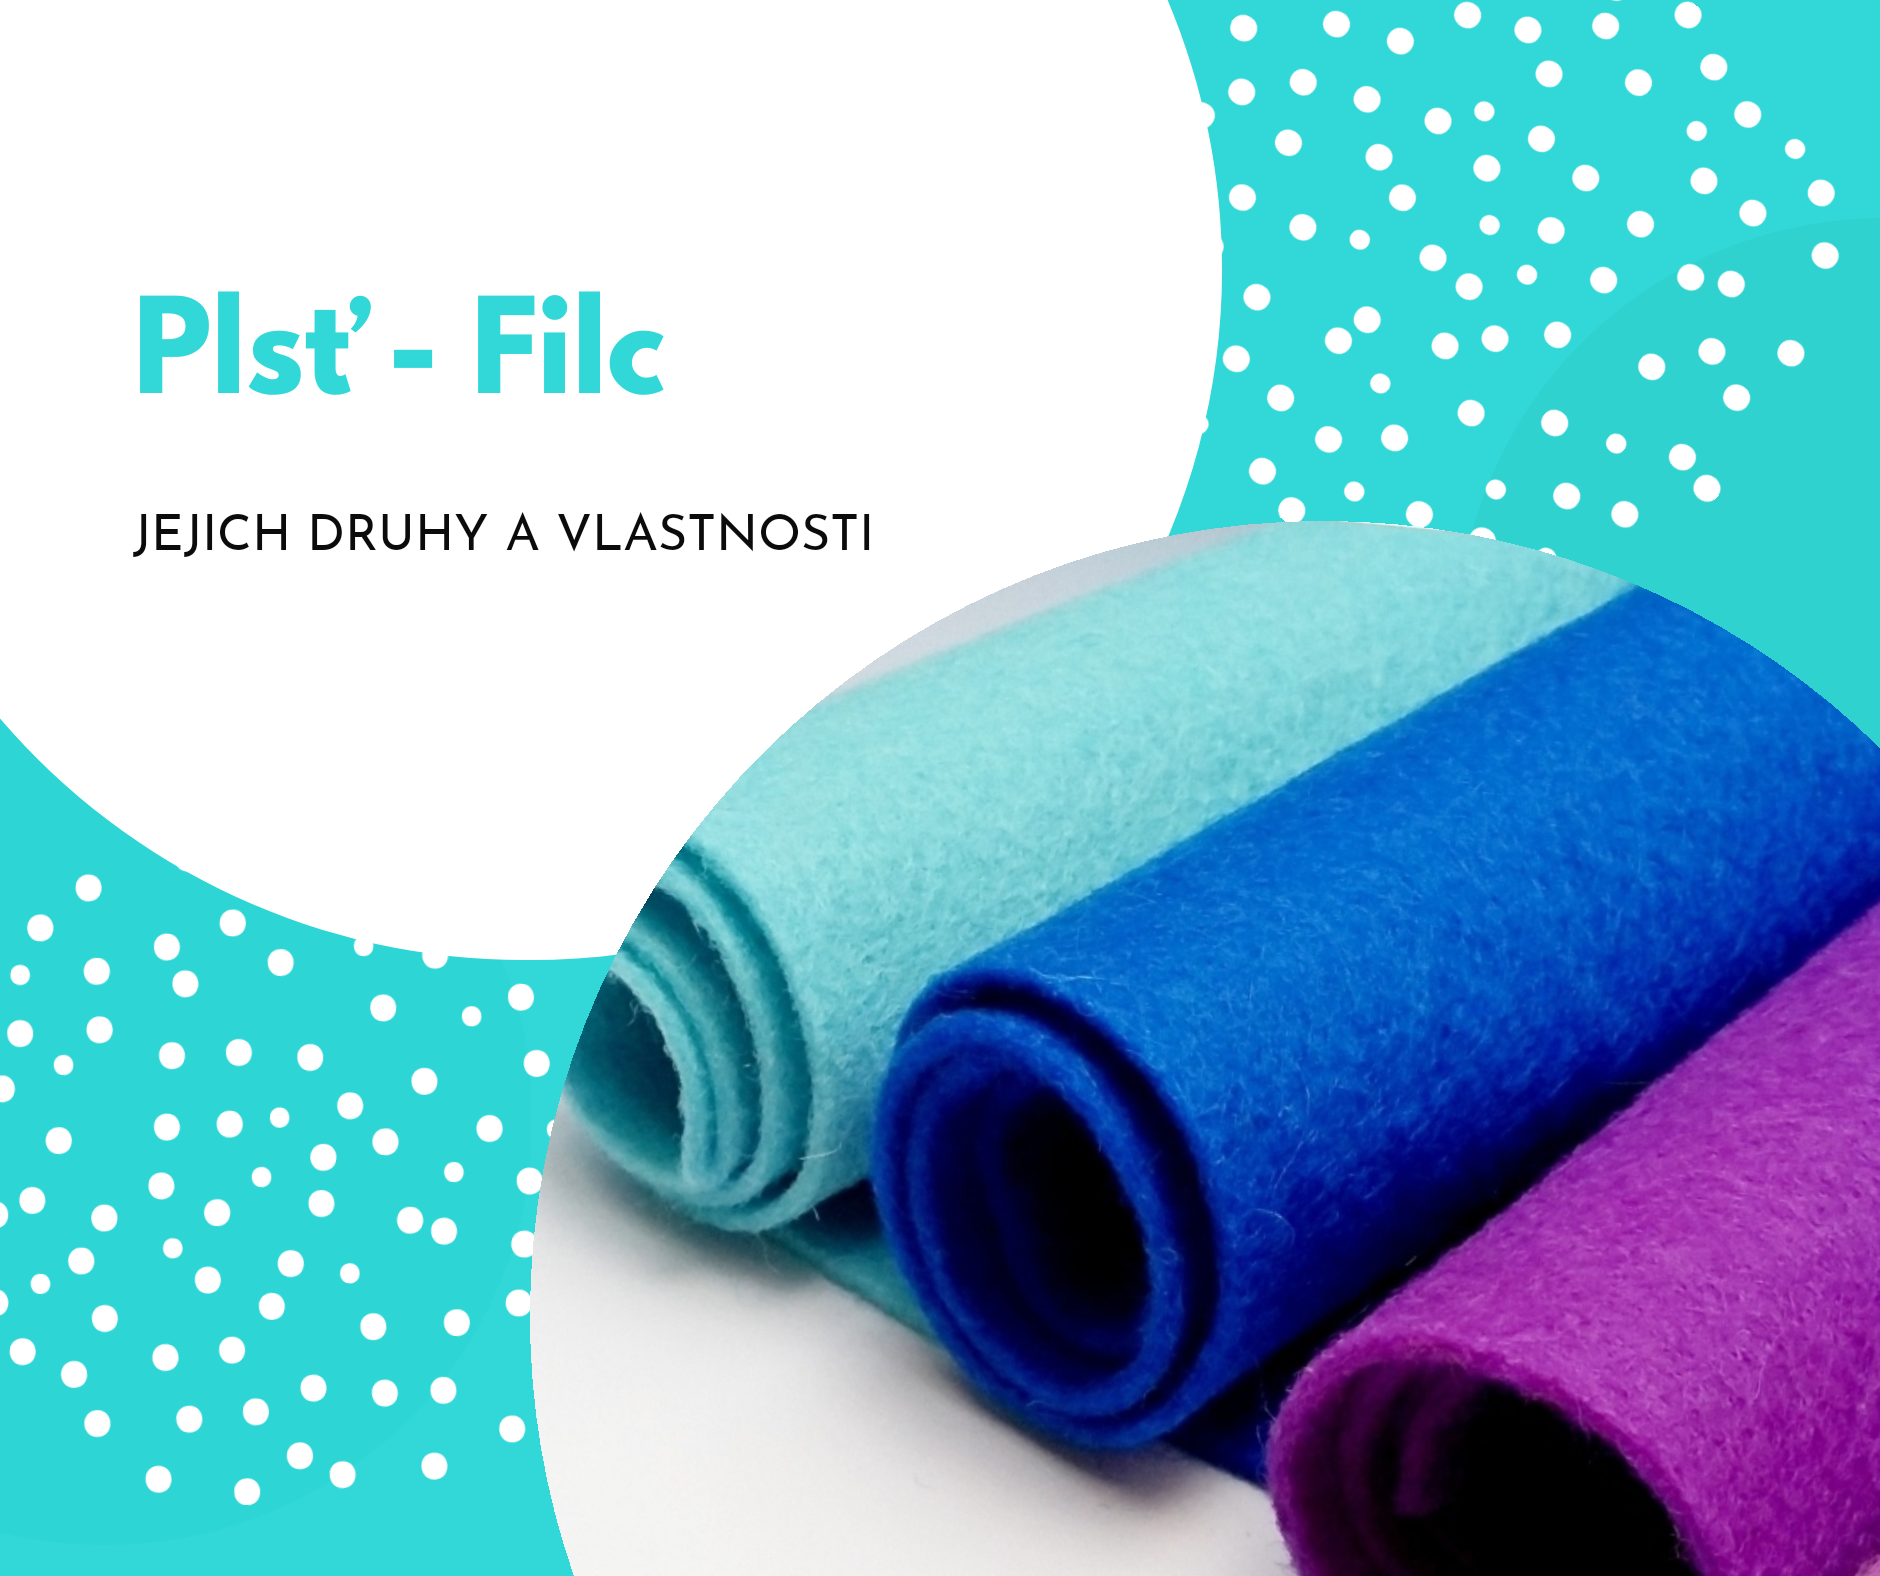 Plst - Plsť - Filc